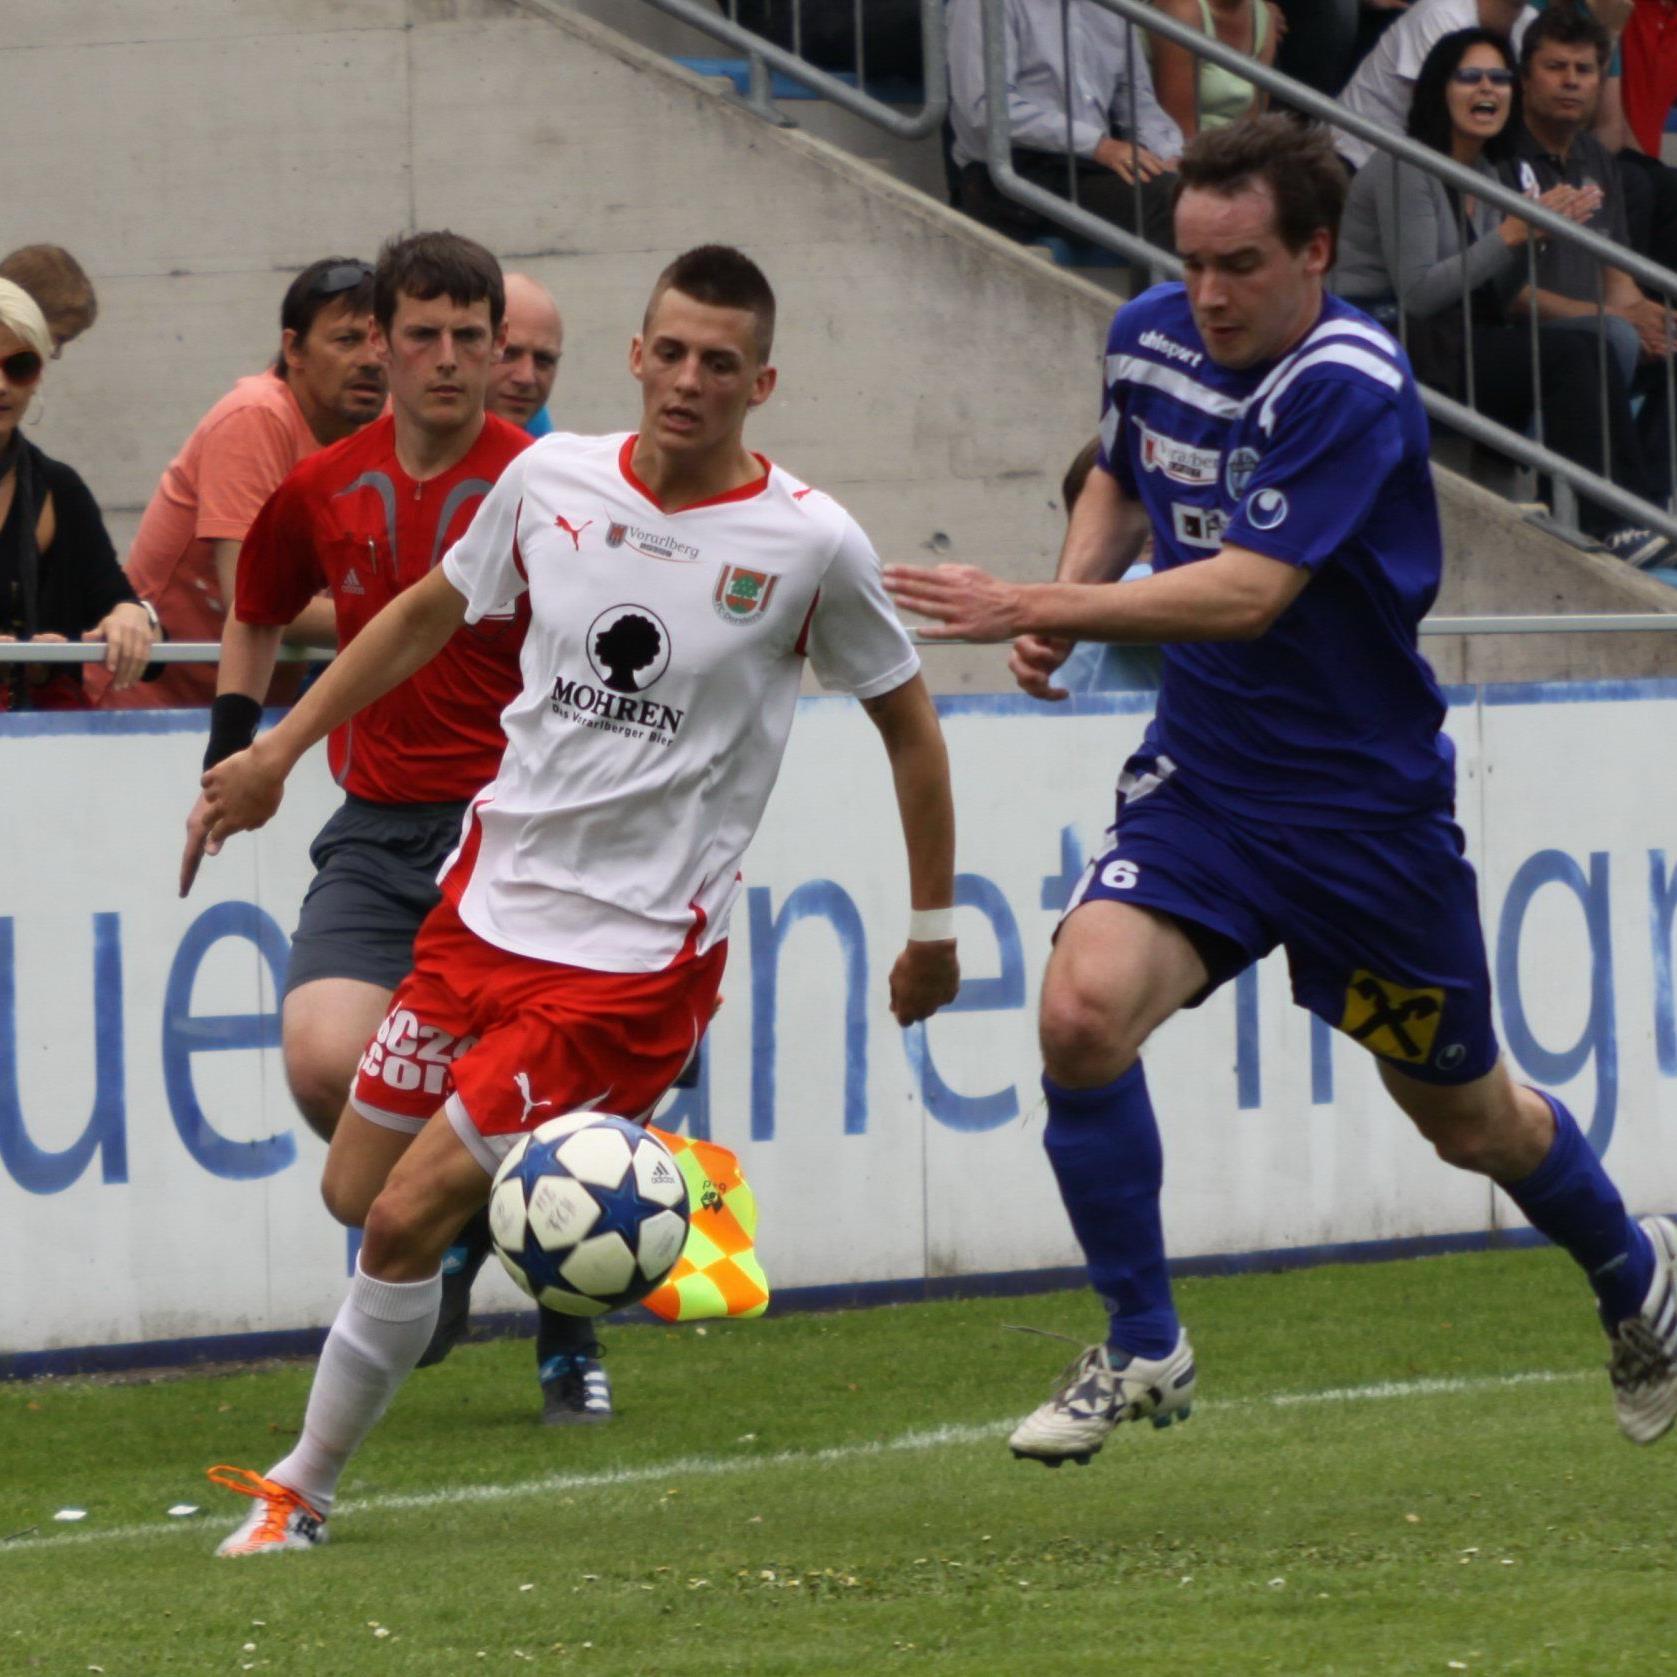 Daniel Krenn und sein Kollege Lukas Katnik spielen in Pasching.